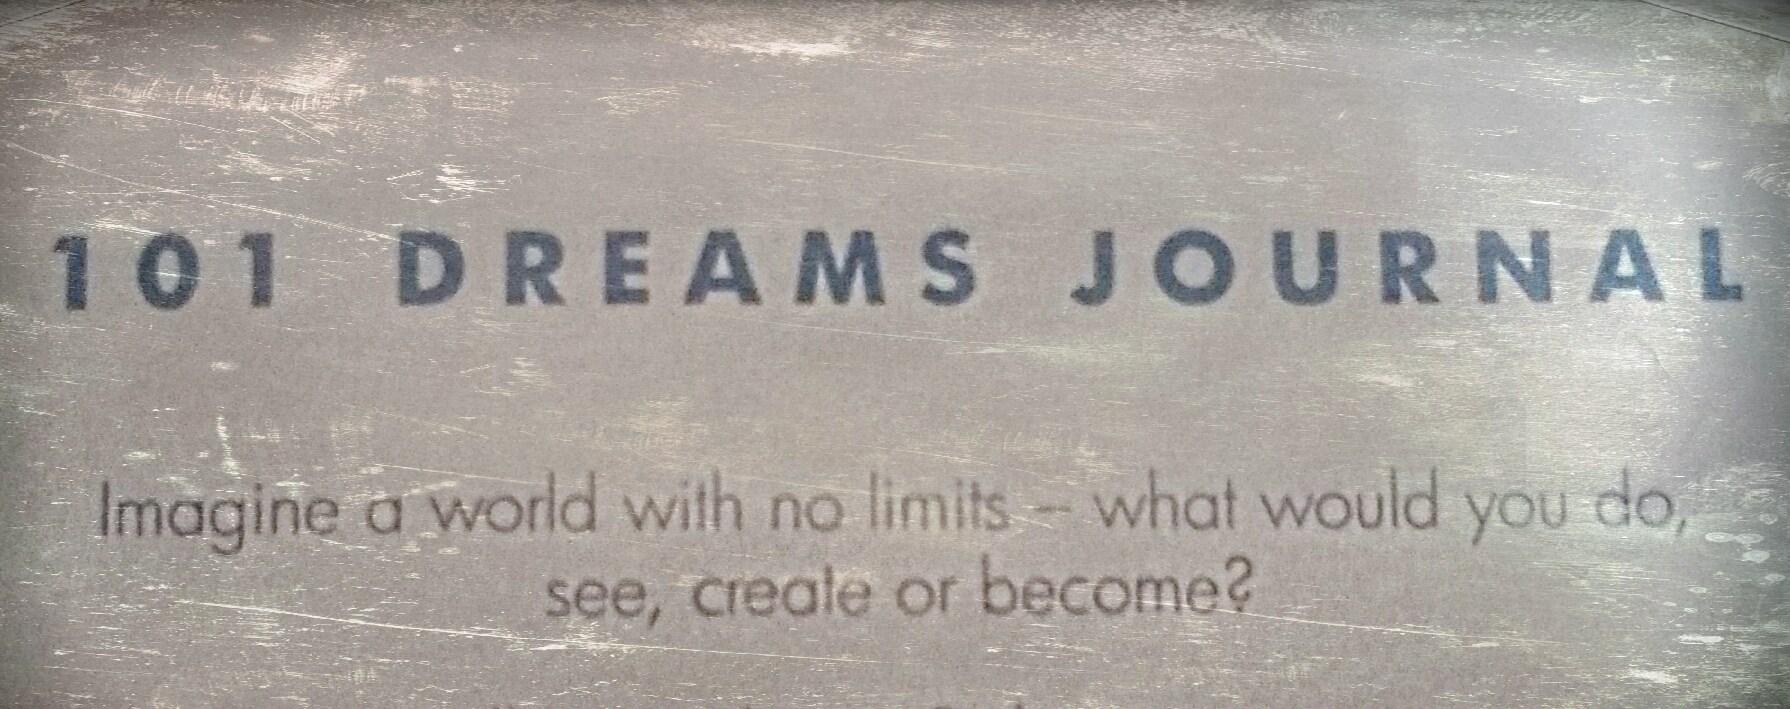 My diabetes dreams journal